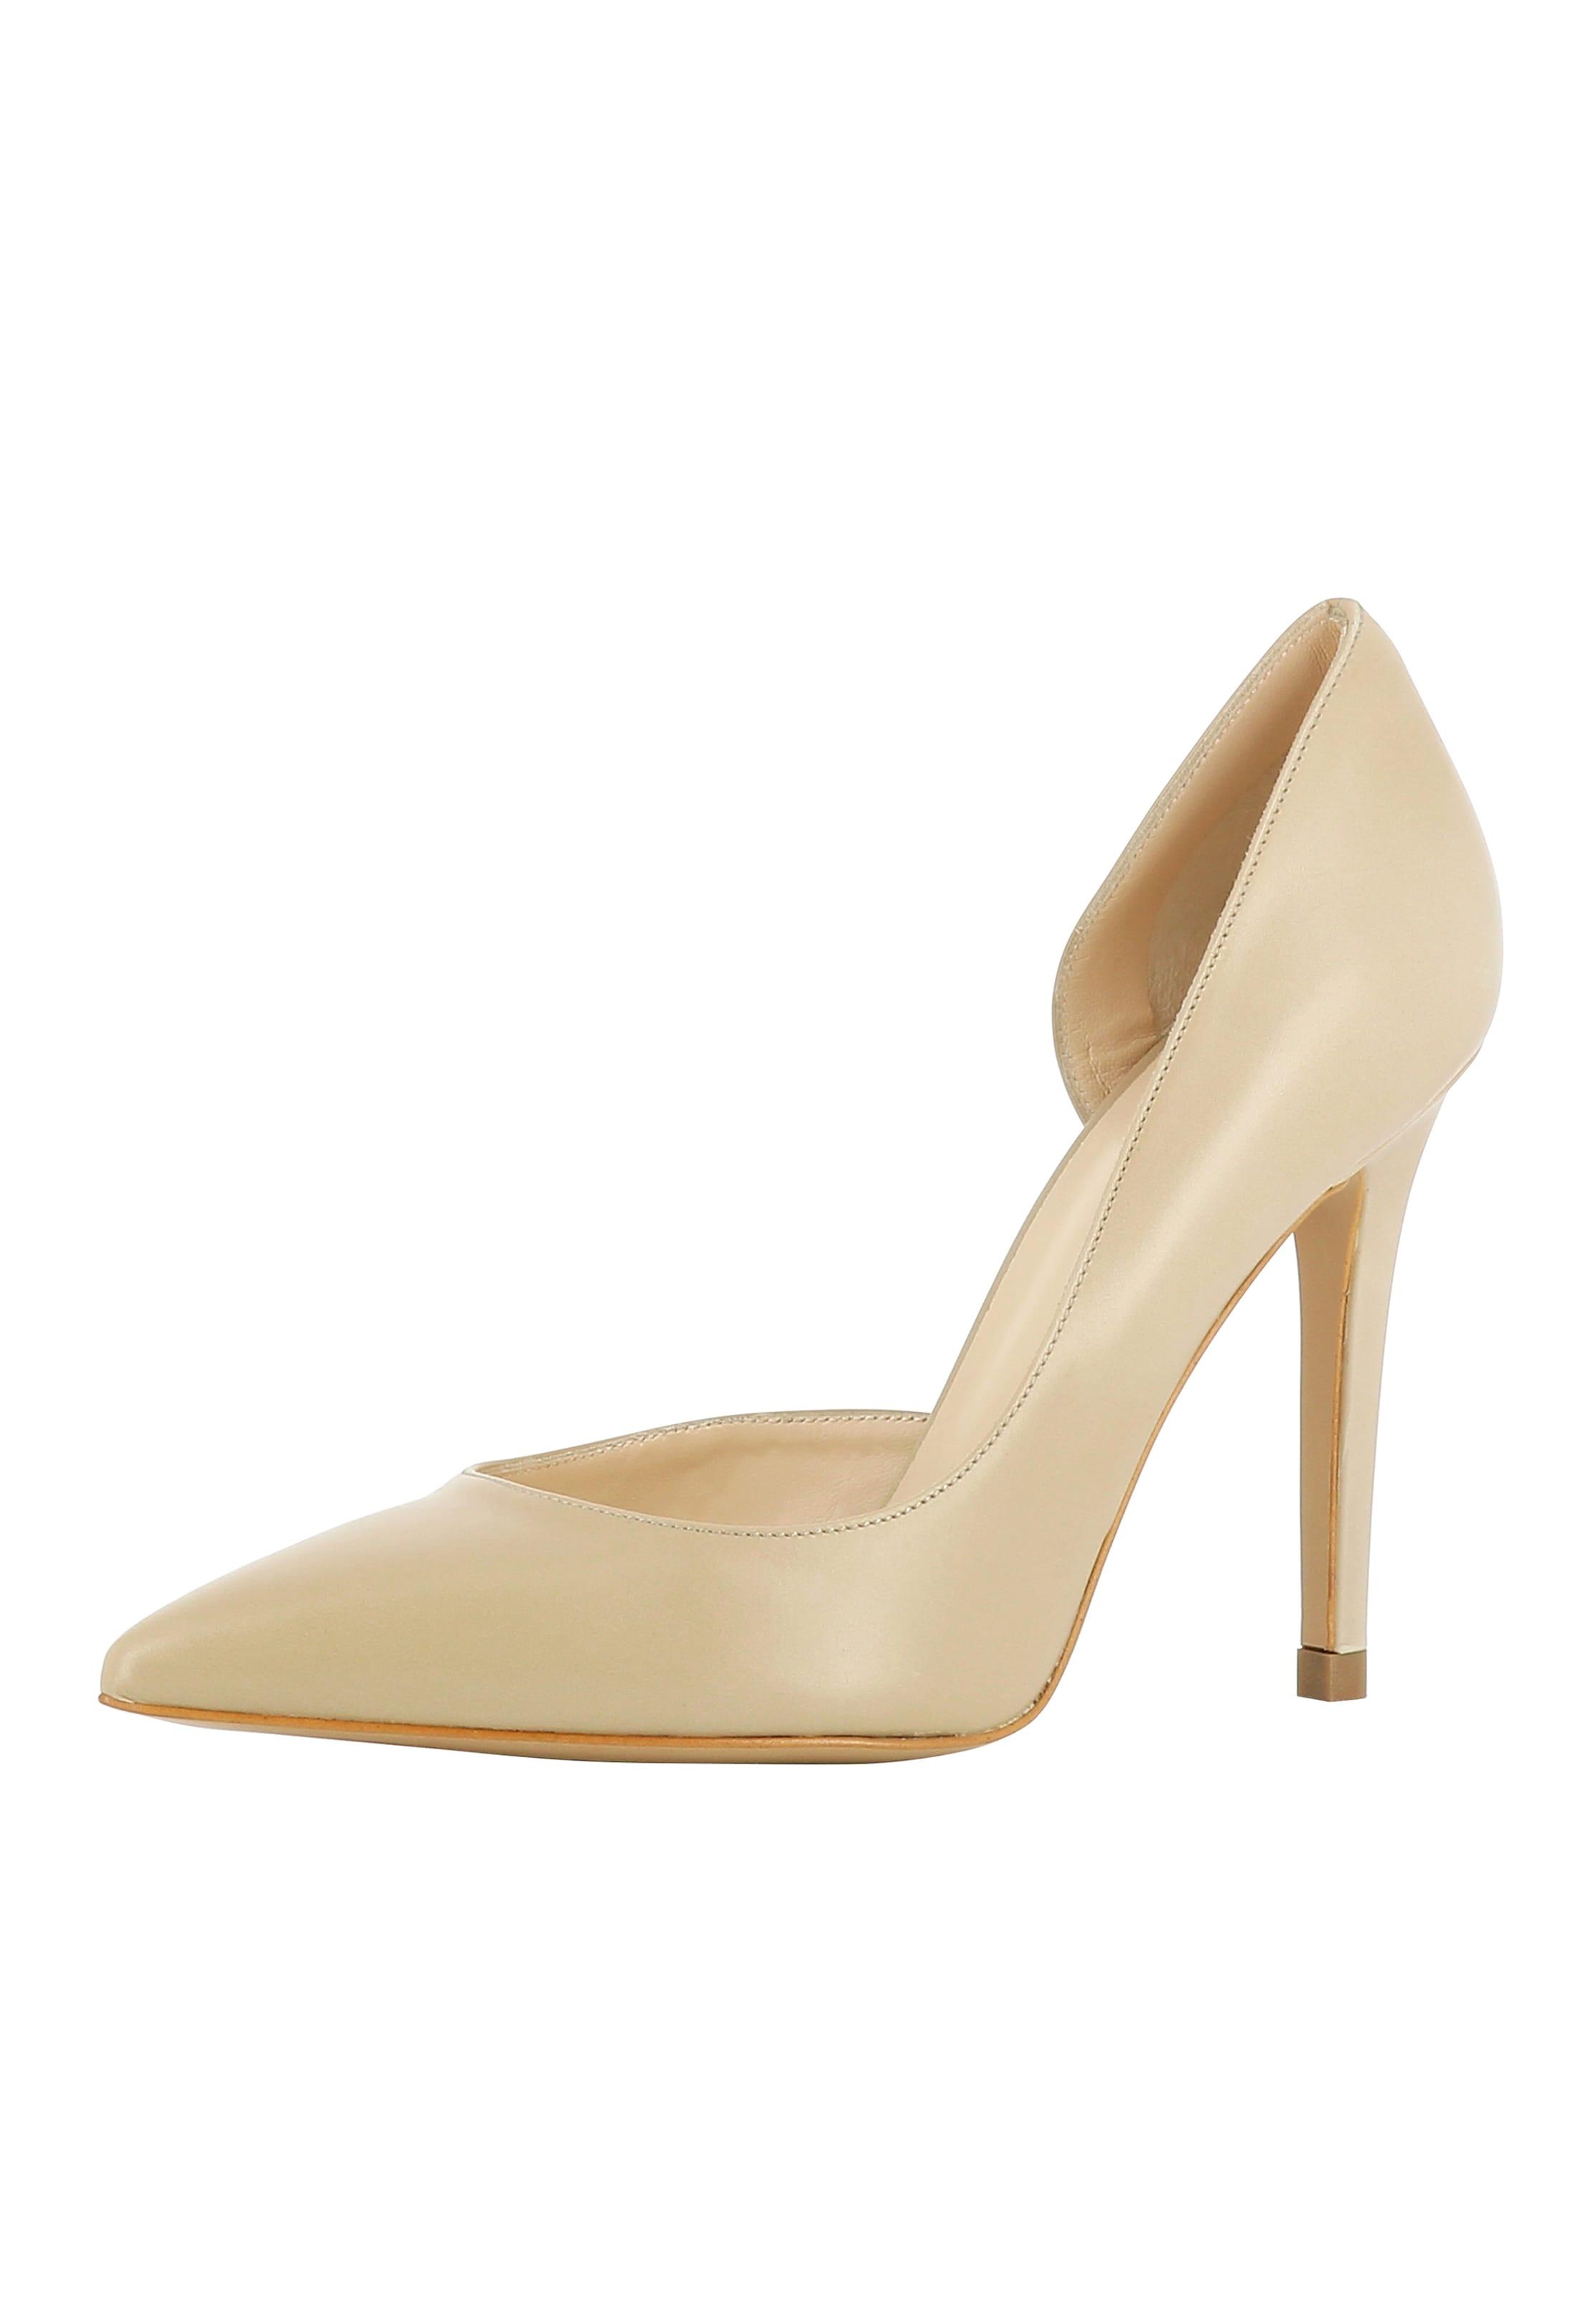 EVITA Pumps halboffen Günstige und langlebige Schuhe